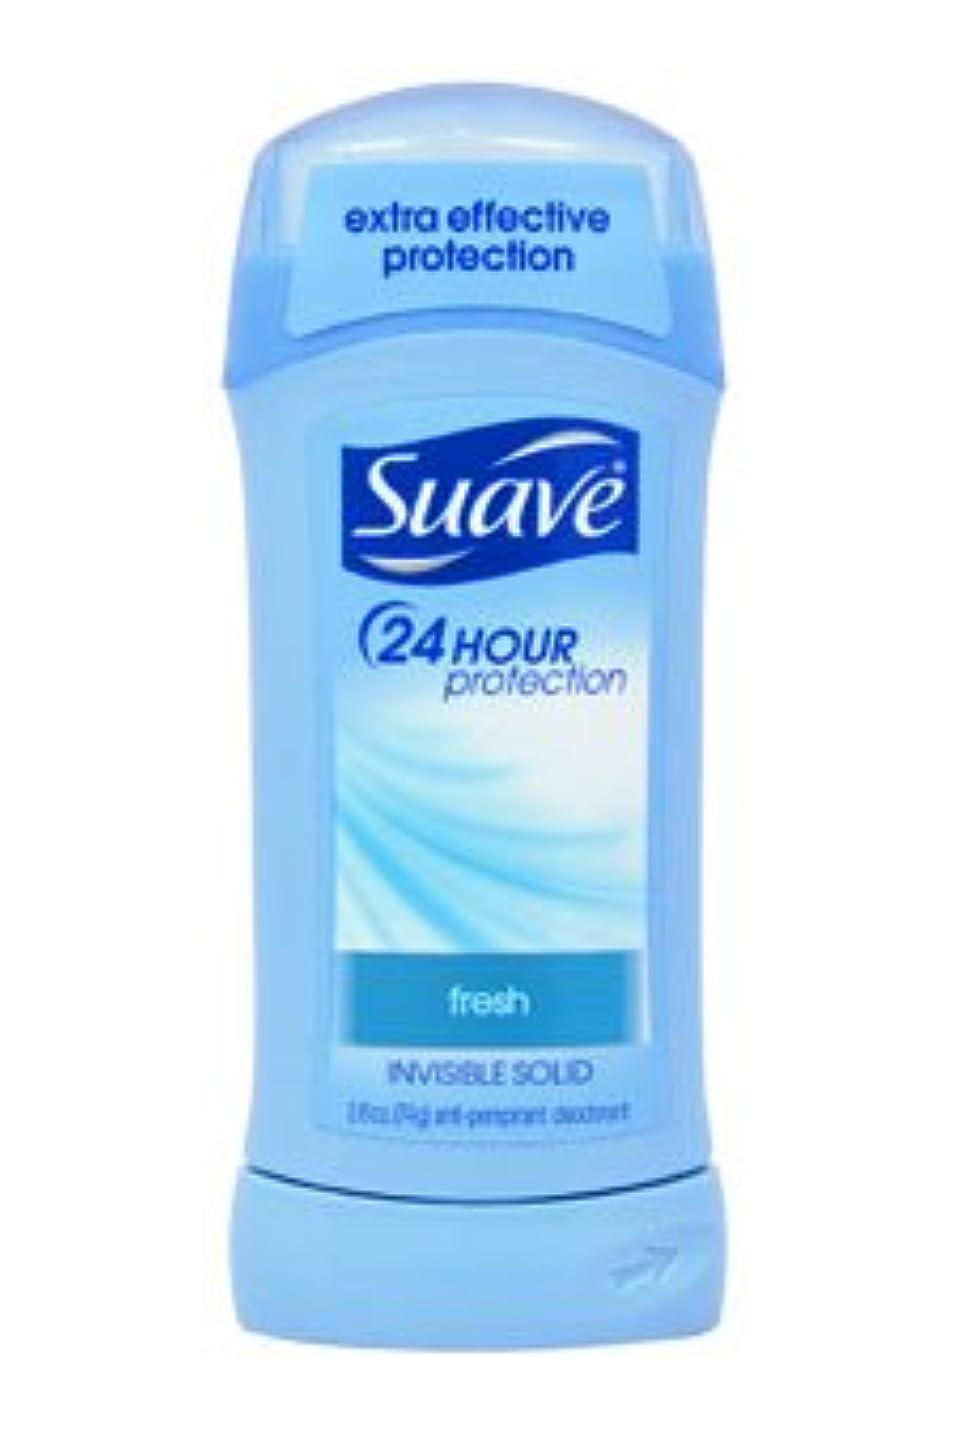 執着支援積分Suave 24 Hour Protection Fresh Invisible Solid Anti-Perspirant 73g (並行輸入品)